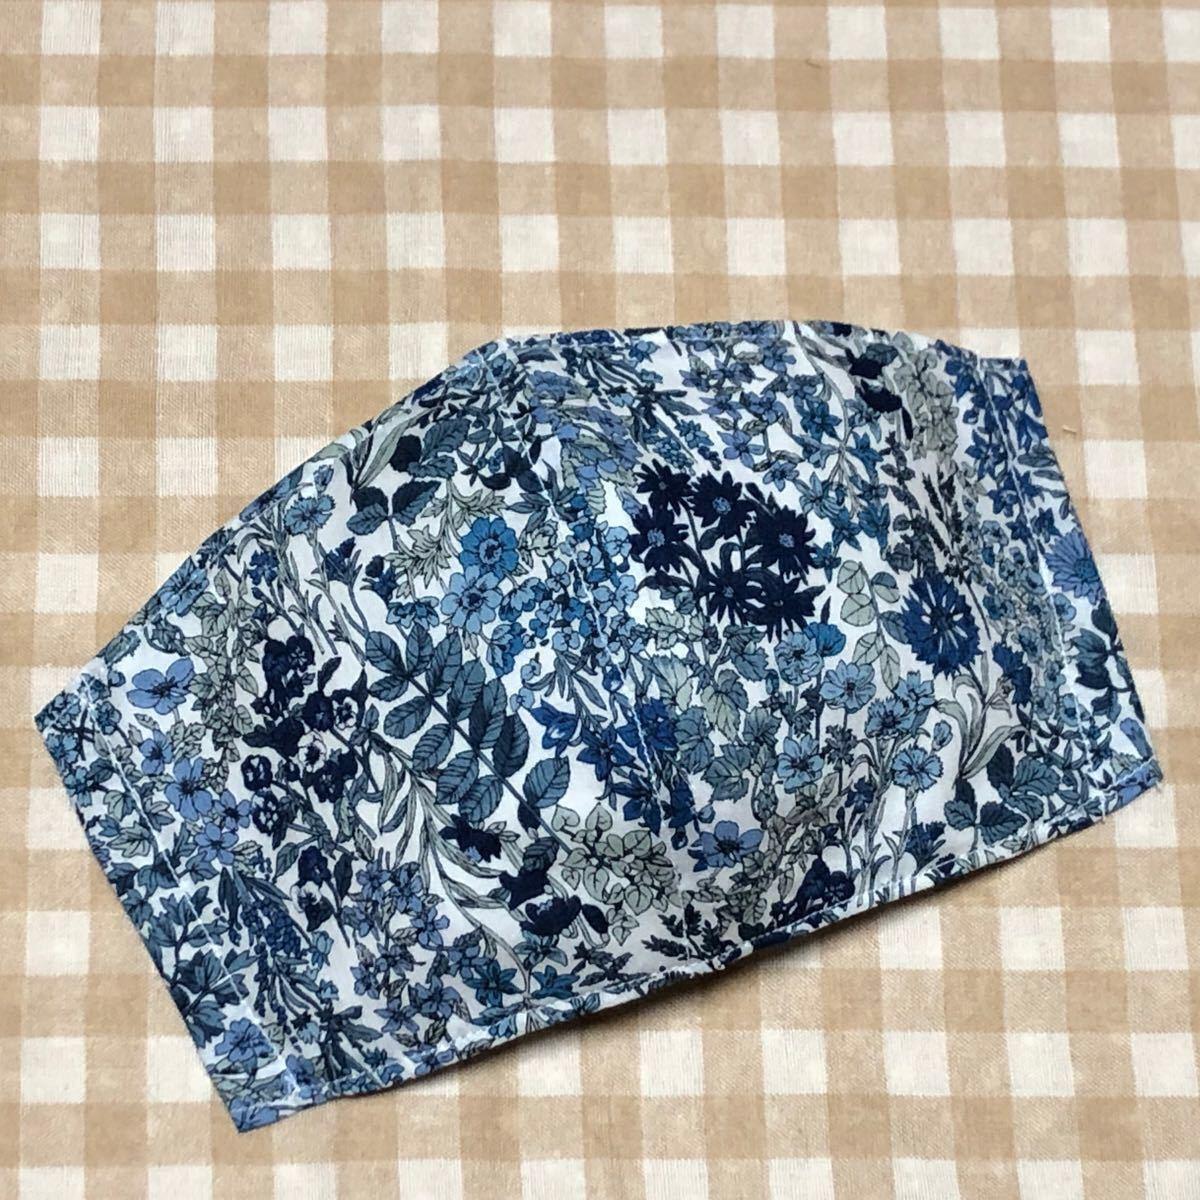 ★とれ様専用〜ハンドメイド・ブルー系&ネイビー系×ボタニカル柄カバー×4枚セット